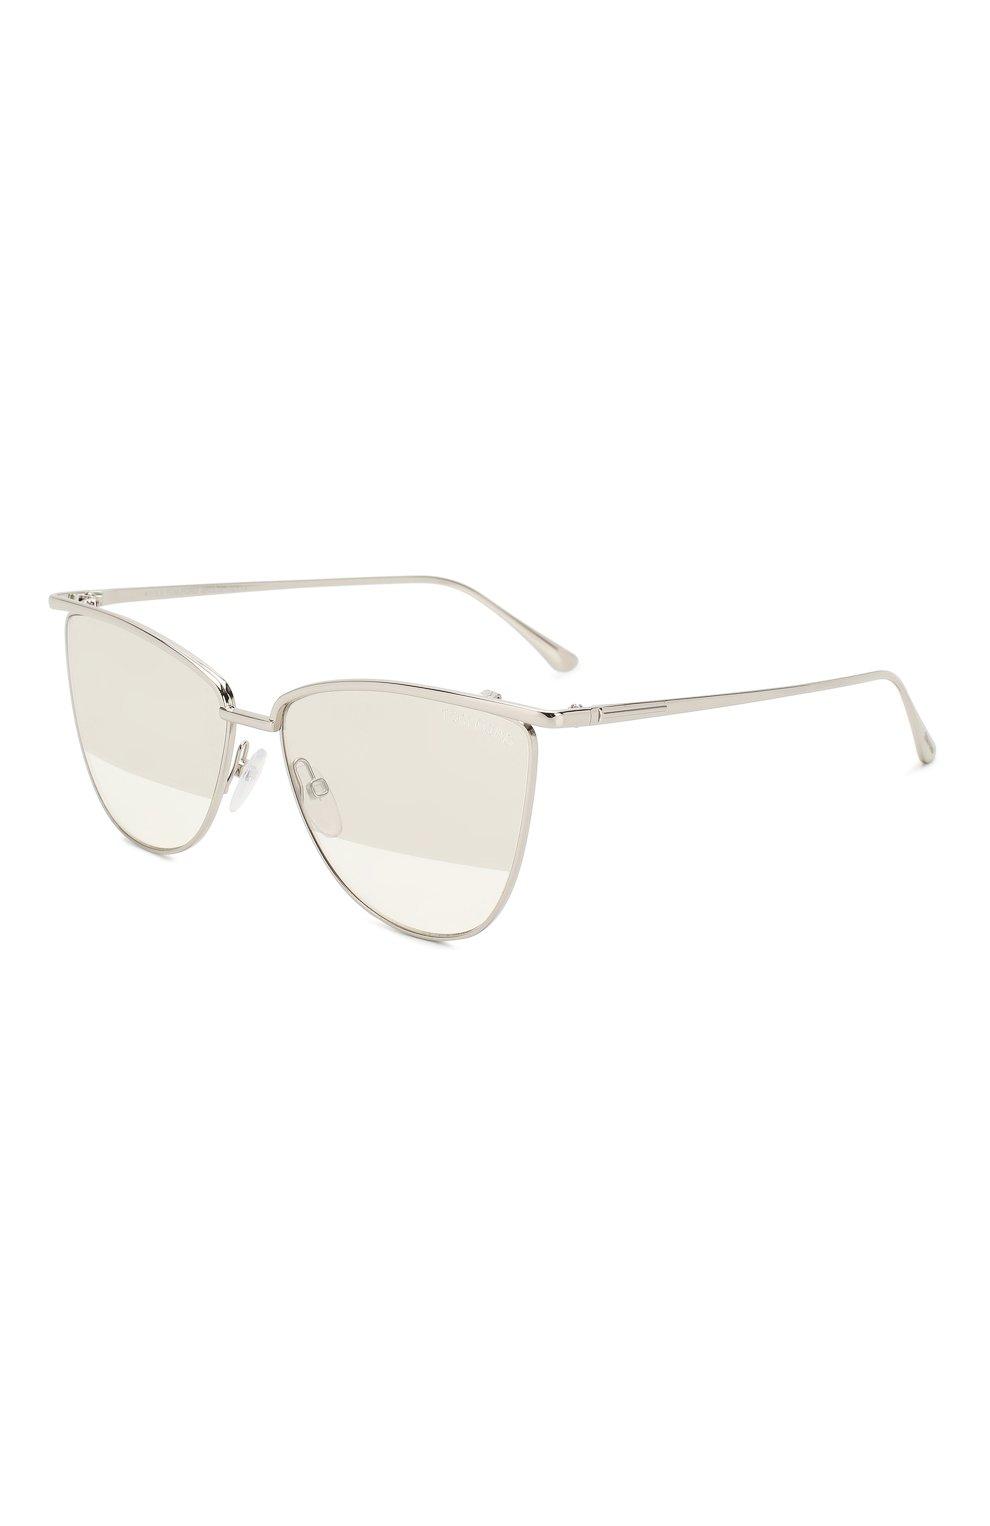 Женские солнцезащитные очки TOM FORD серебряного цвета, арт. TF684 16B | Фото 1